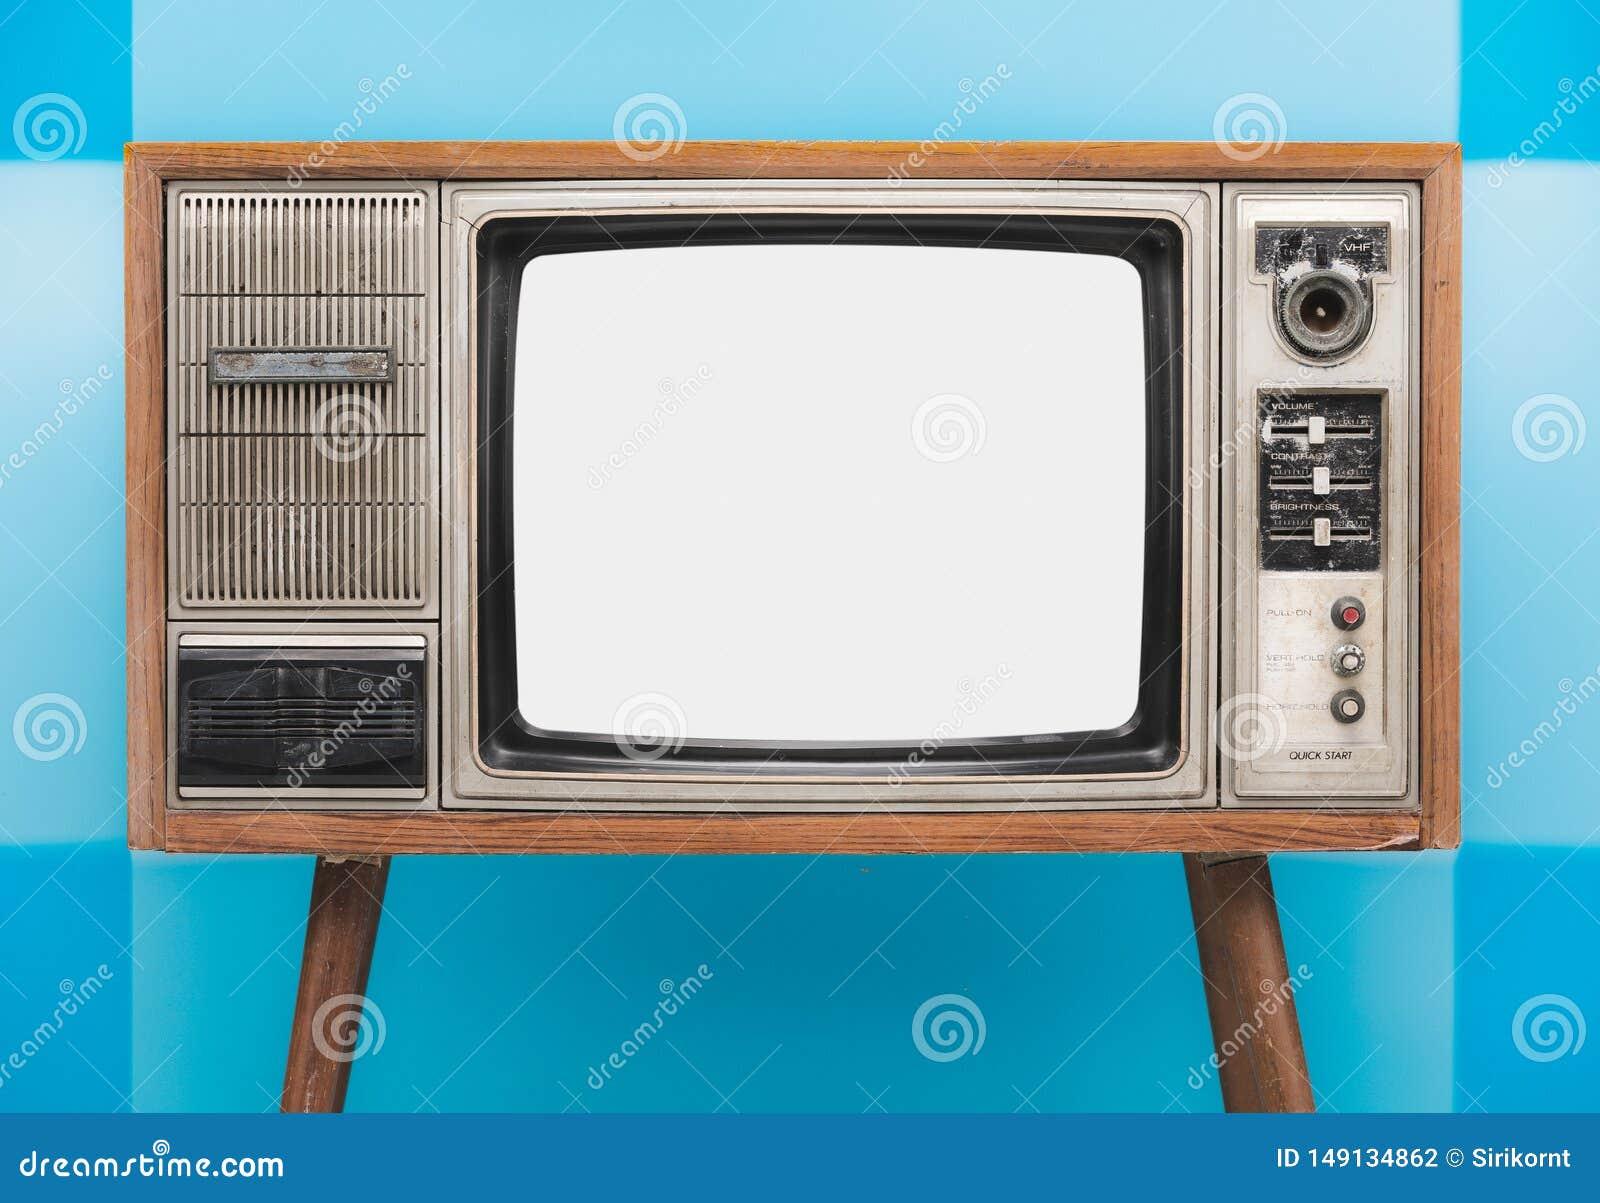 Vintage TV Isolated On Blue Background Stock Photo - Image